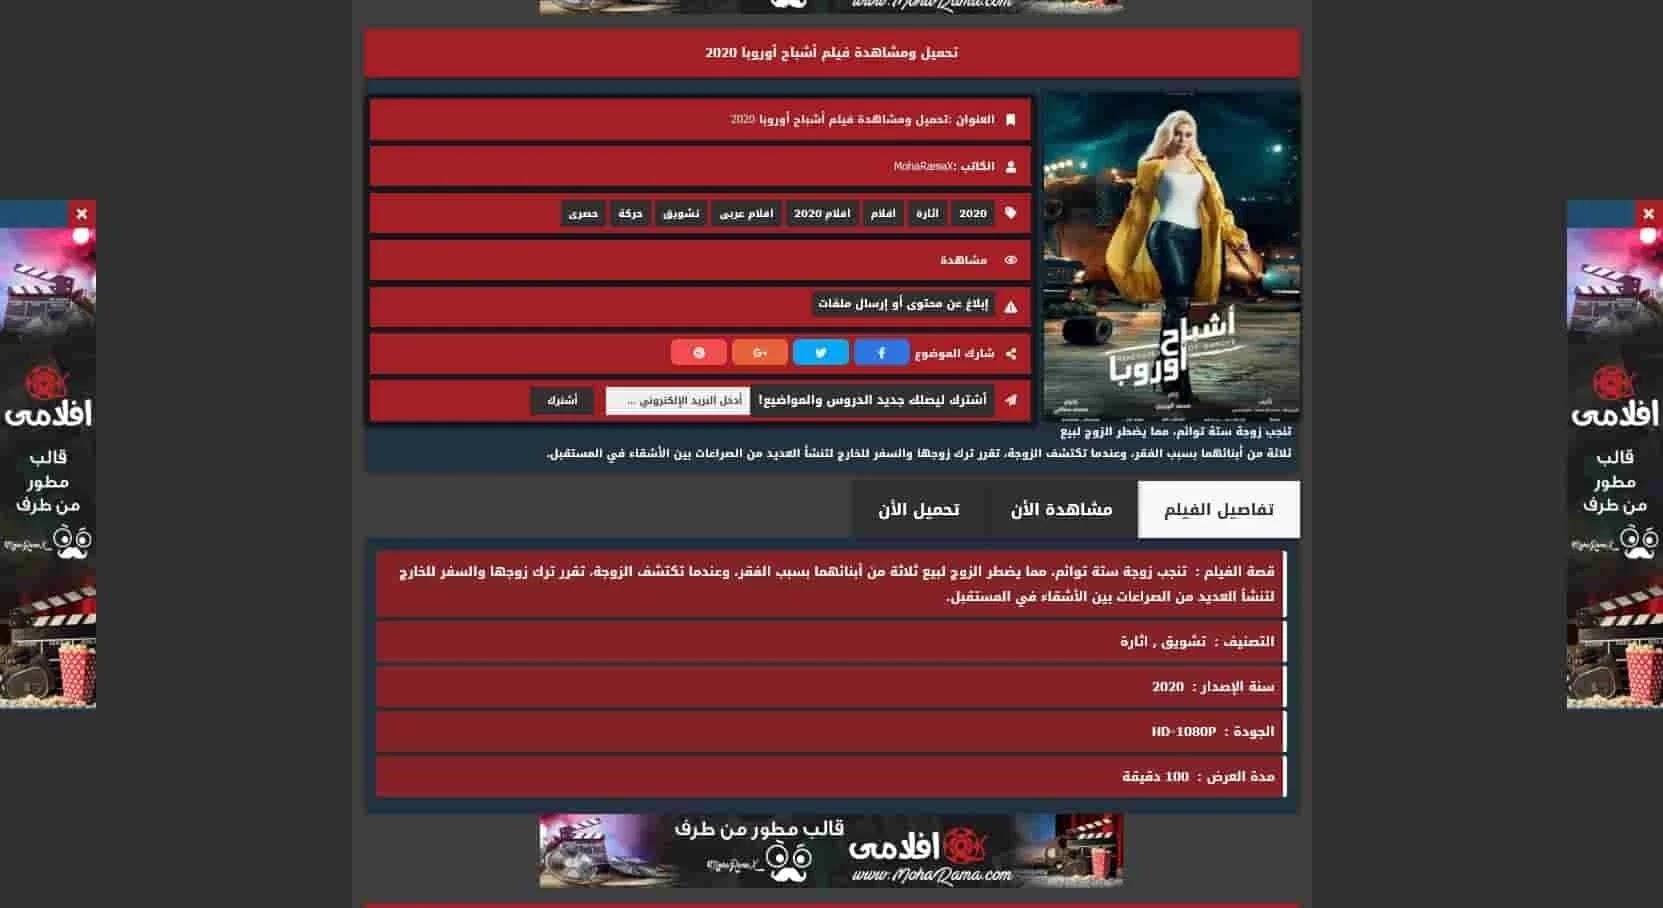 واجهة صفحة معلومات الفيلم